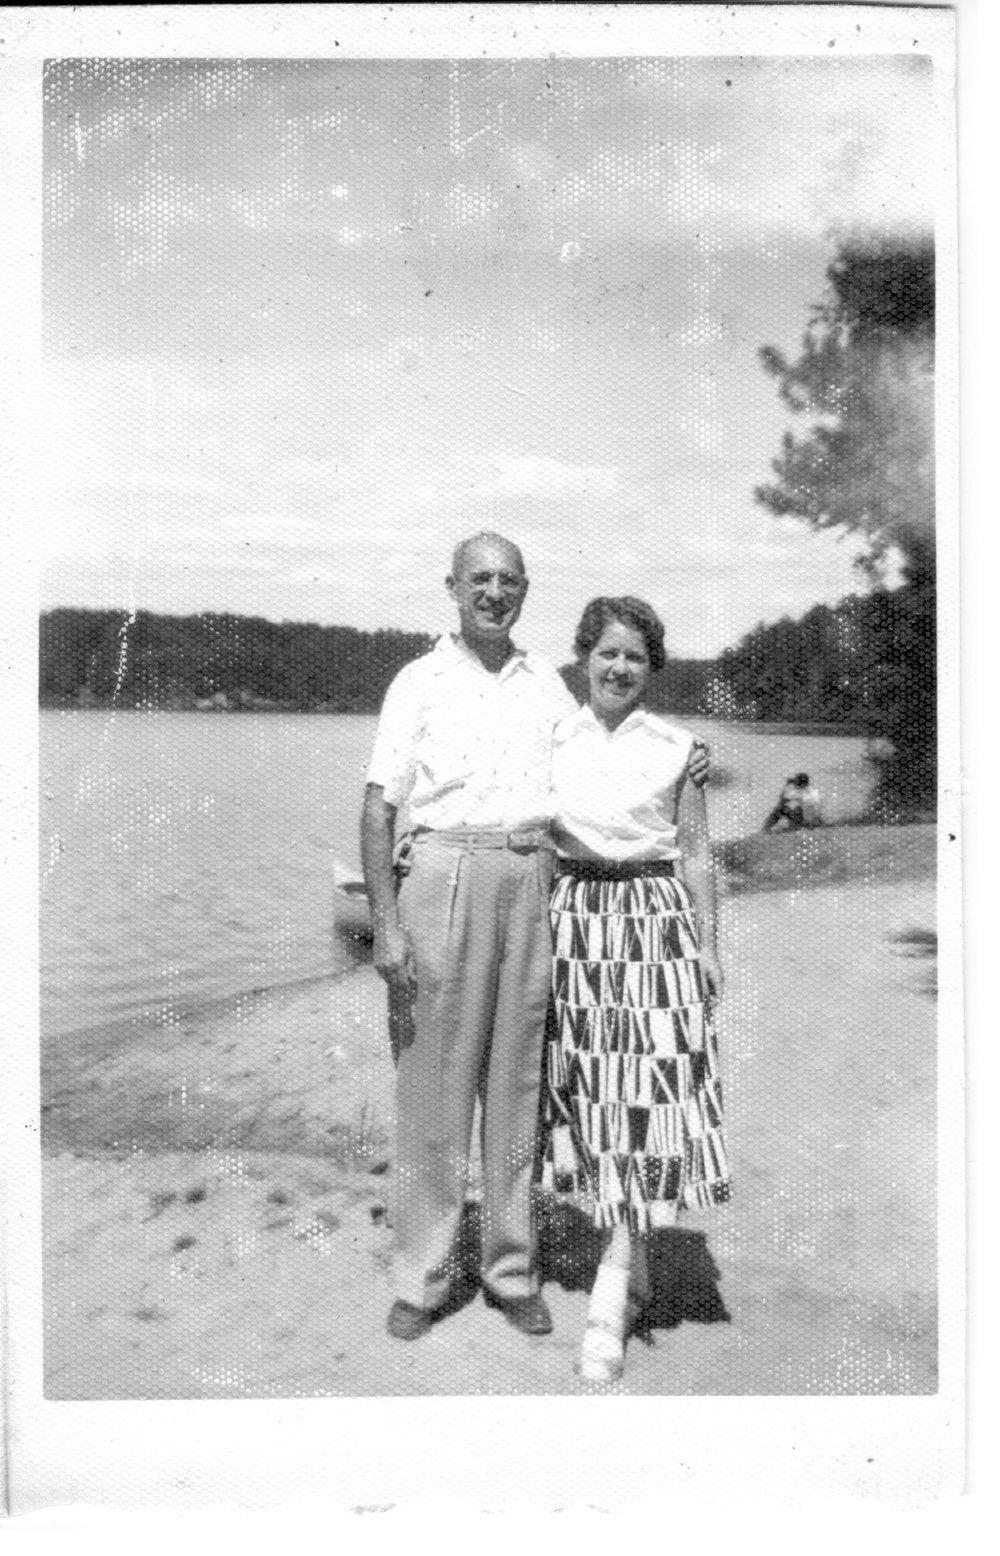 Bergers-1954.jpg